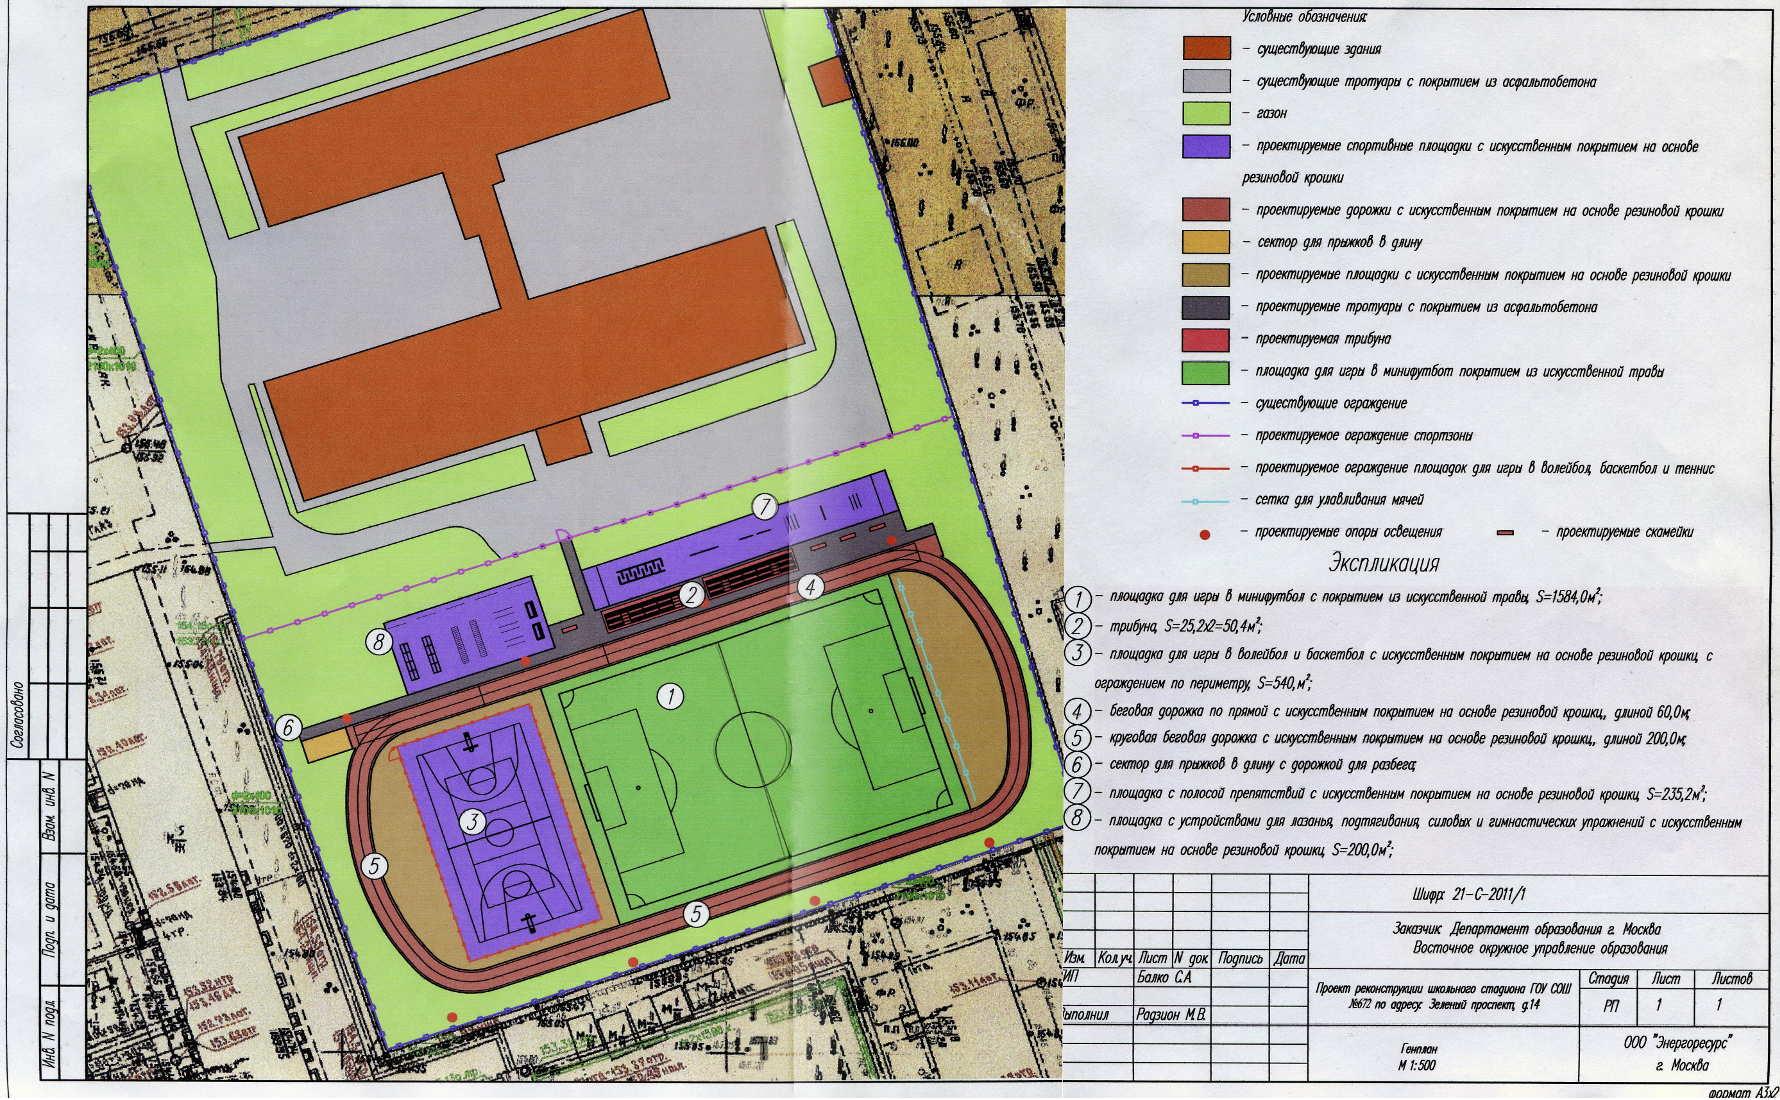 В узбекистане в прошлом году были построены 115 детских спортивных объектов